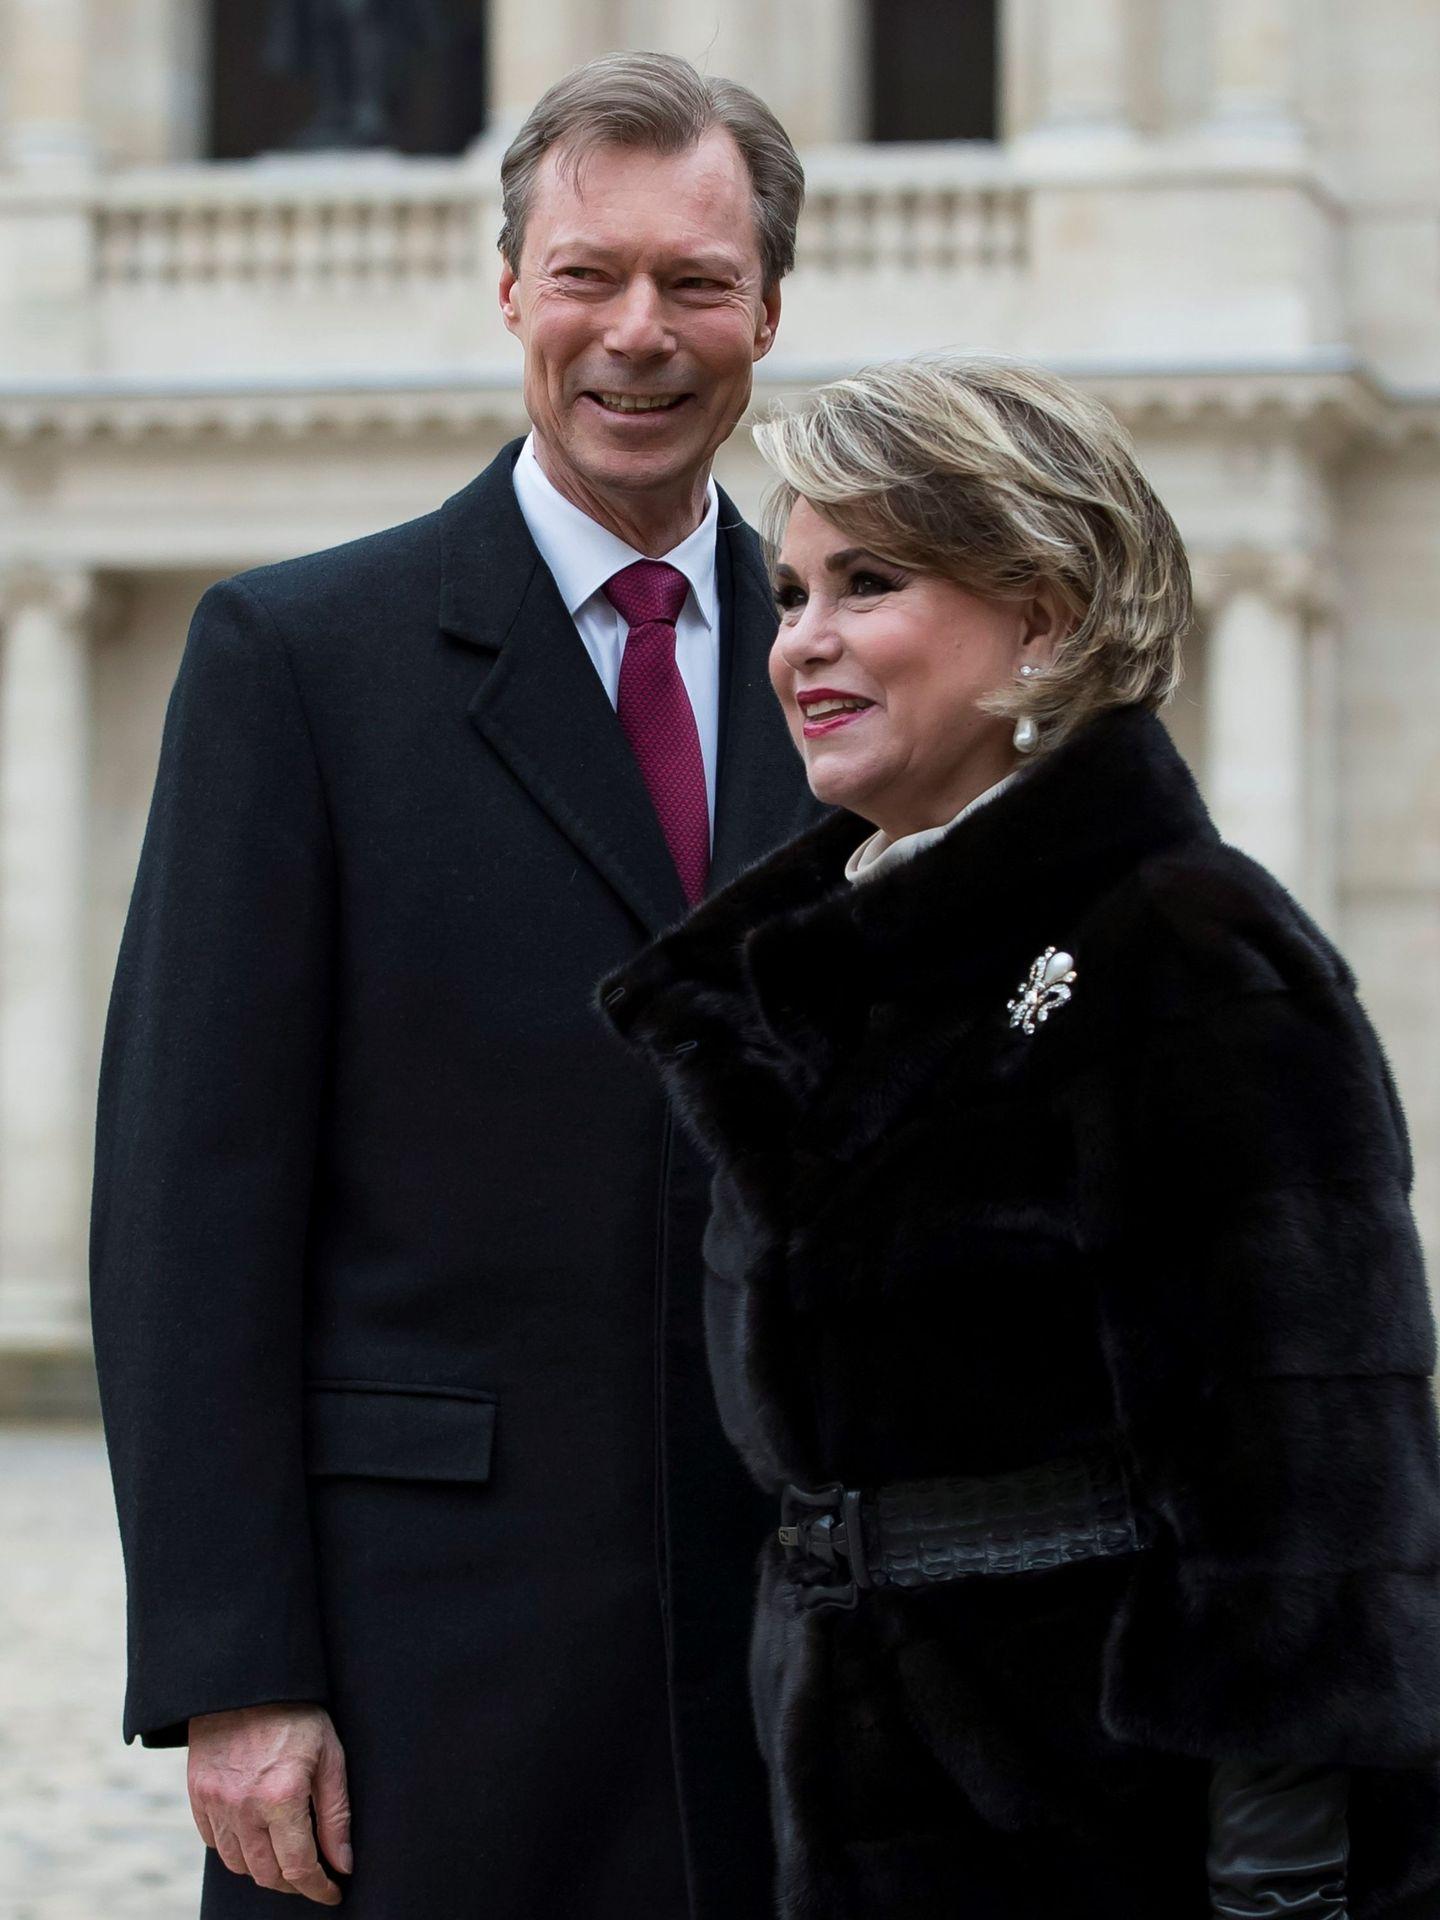 Enrique de Luxemburgo y su esposa, María Teresa de Luxemburgo, en 2018 durante un viaje a París. (EFE)